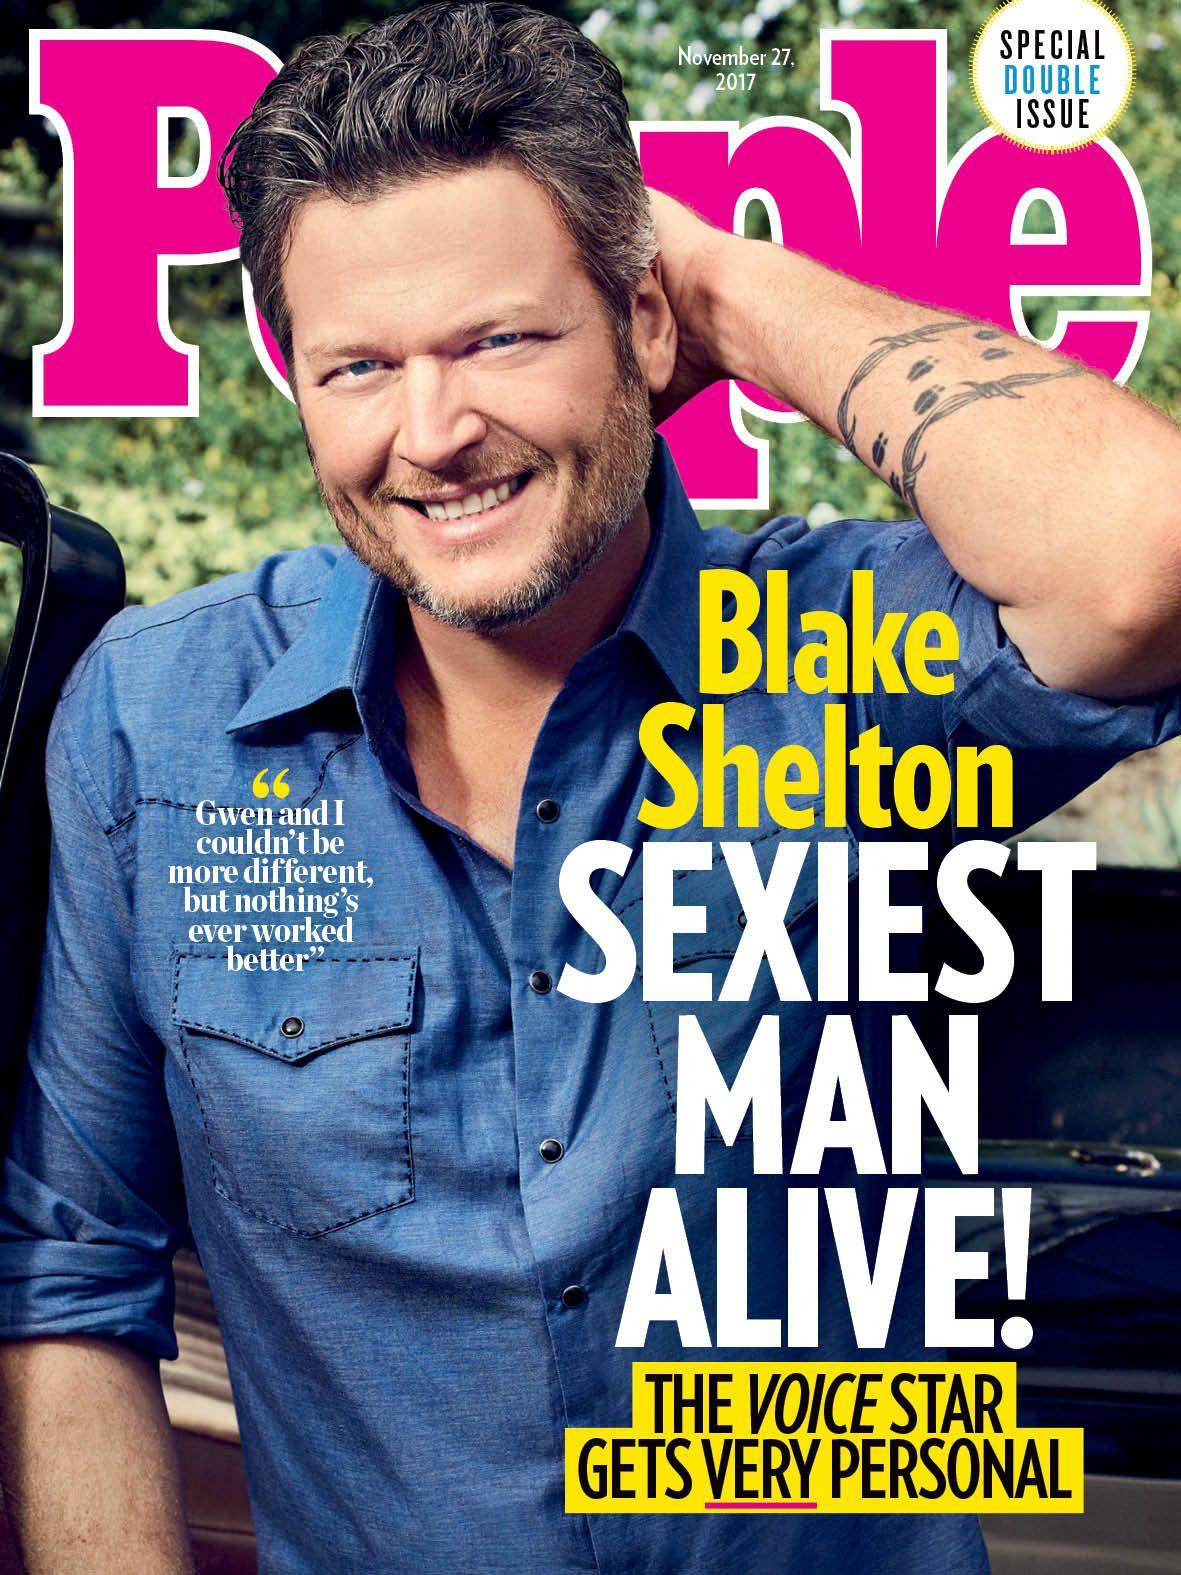 blake shelton people 1510759984?crop=1xw 1xh;centertop&resize=480 * twitter reacts to blake shelton being crowned people magazine's